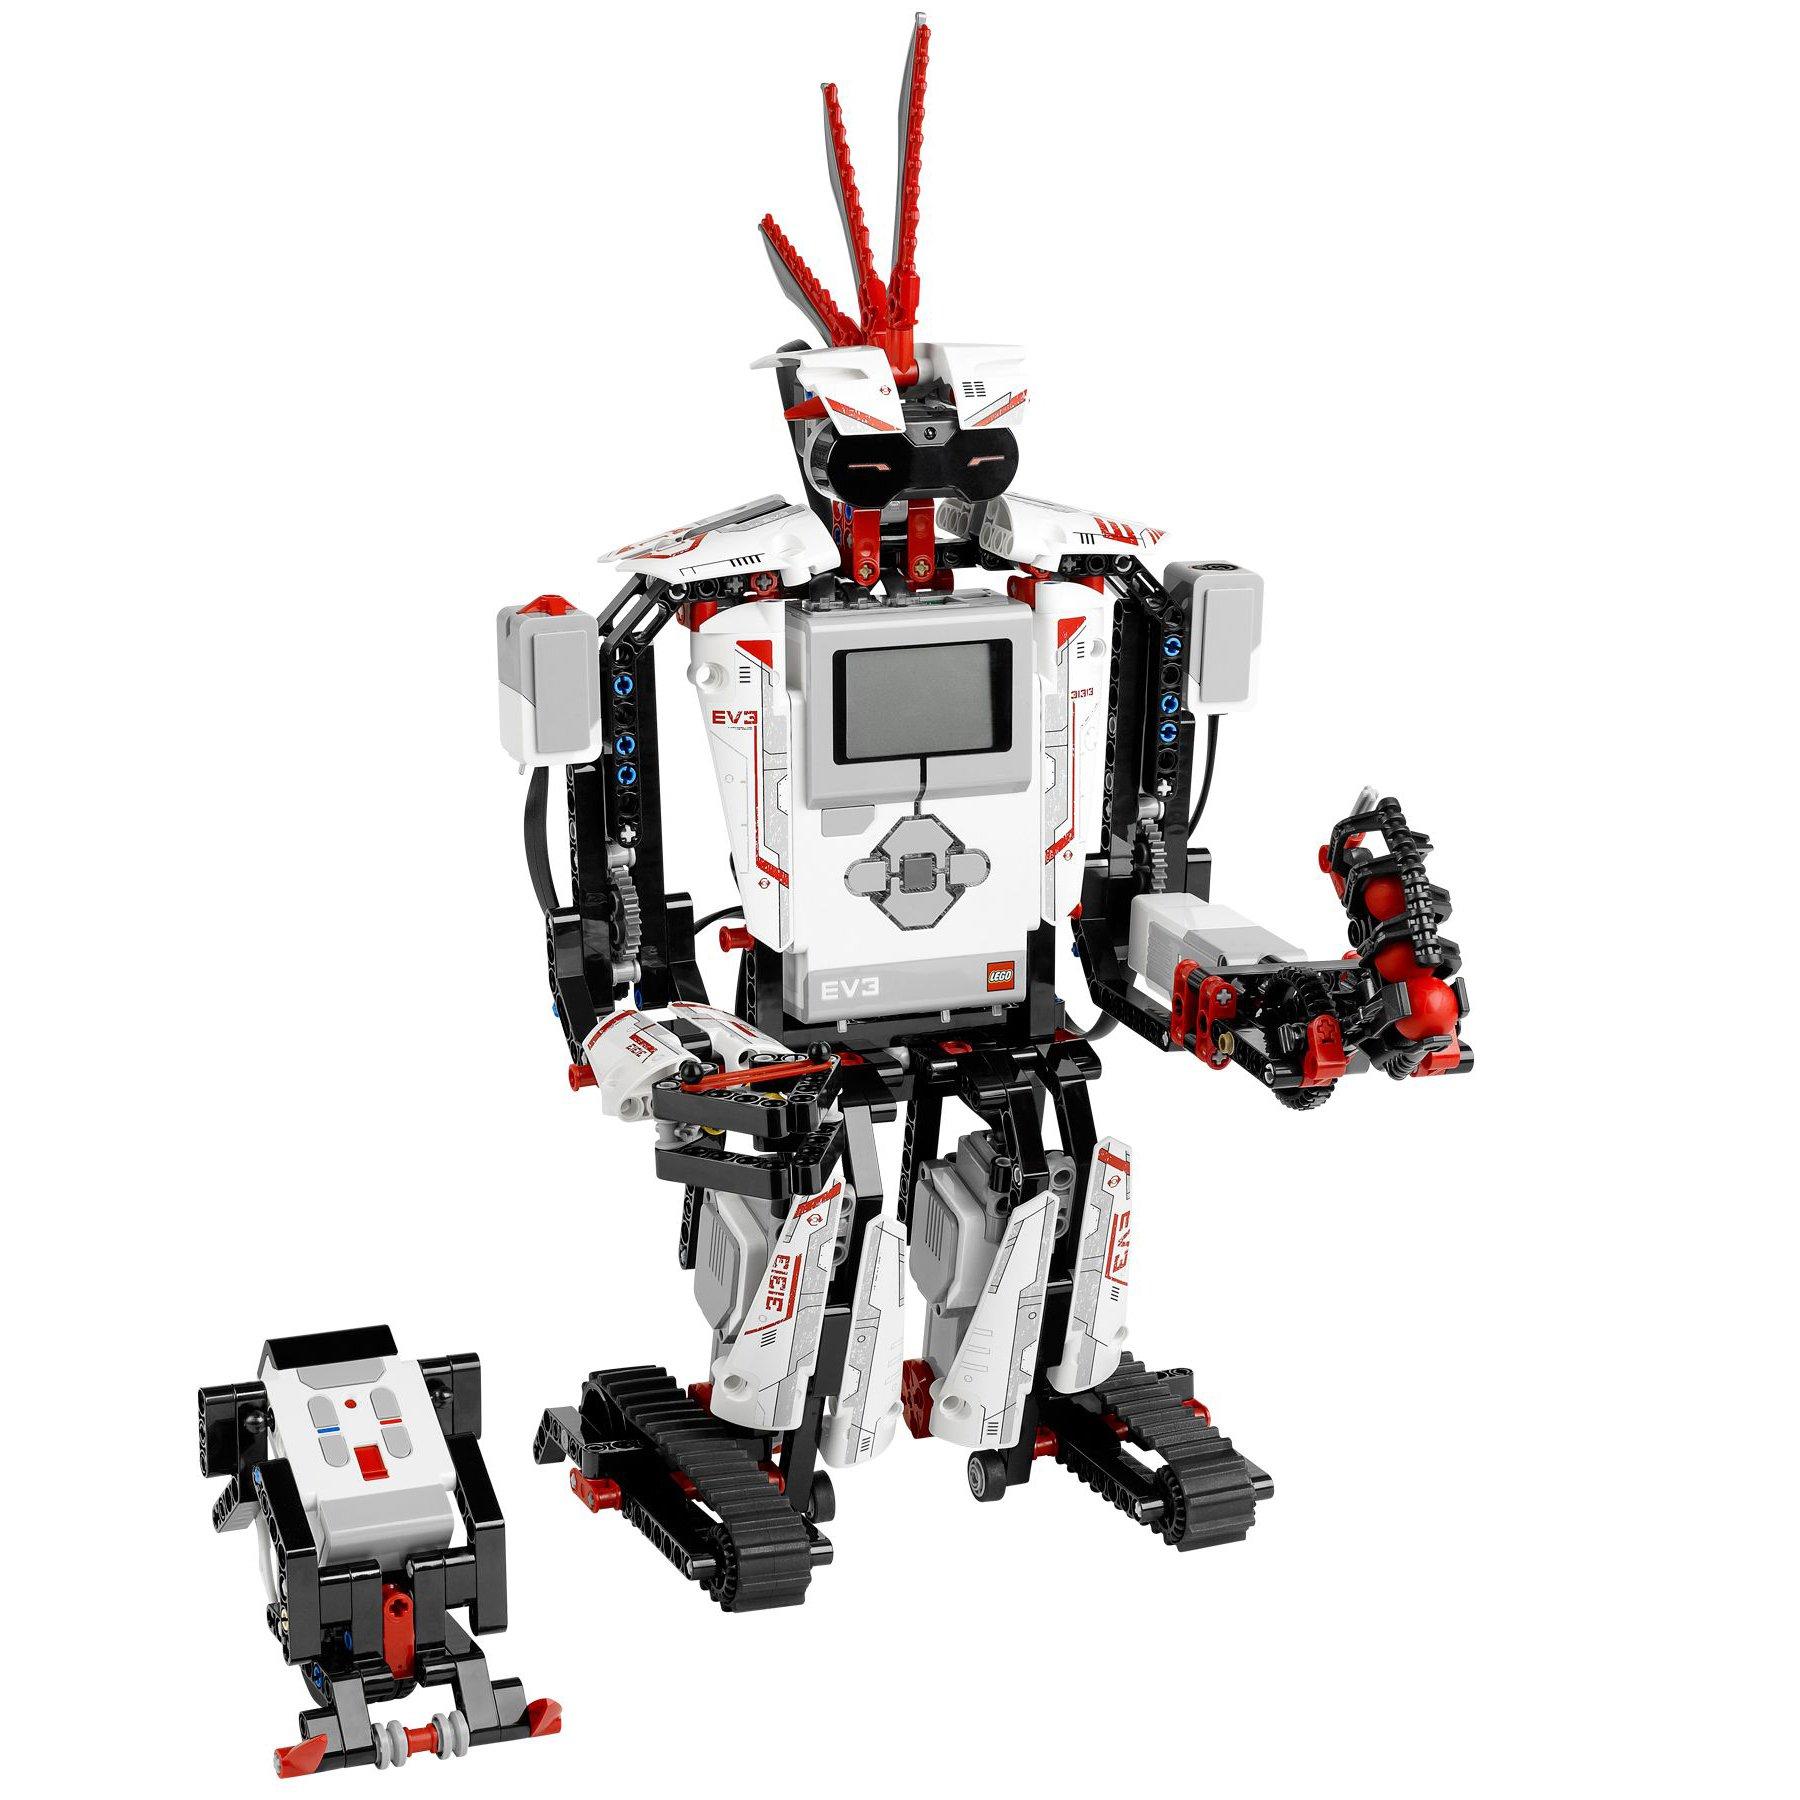 Lego MINDSTORMS Lego MINDSTORMS EV3 31313 by Lego